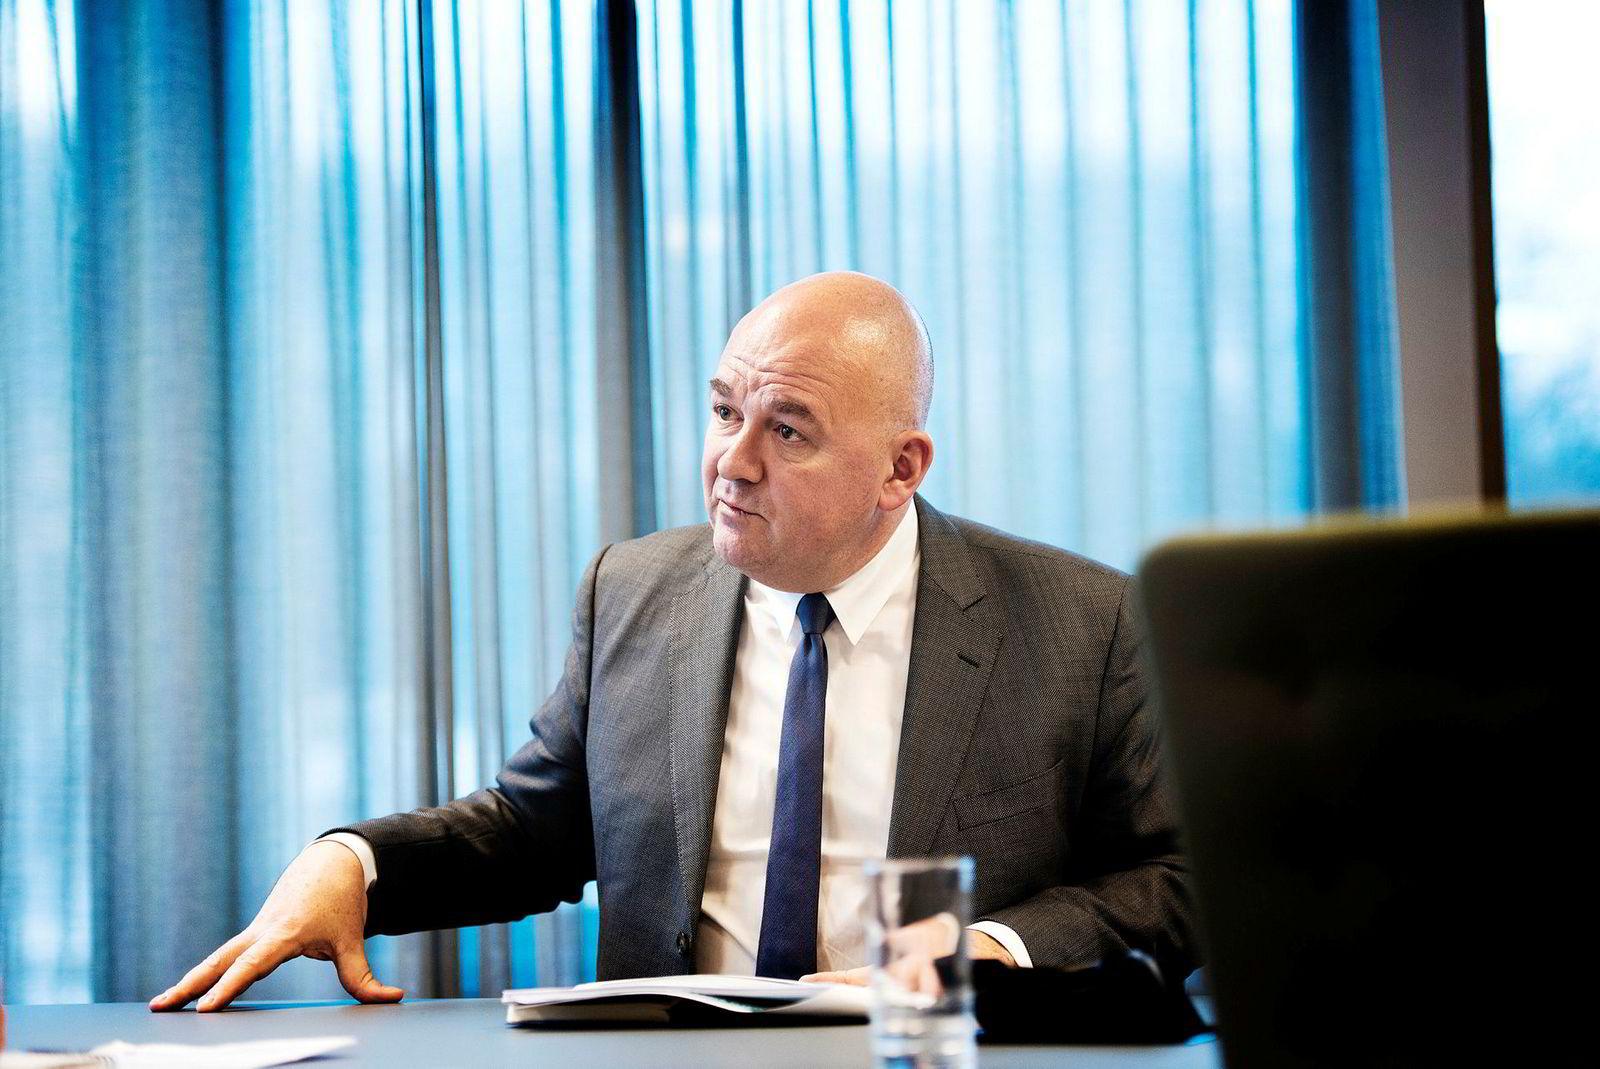 – Vi har en intensjon om å gjøre Oslo til Euronext-gruppens ekspertisesenter for råvarer, sier Euronext-sjef Stéphane Boujnah.